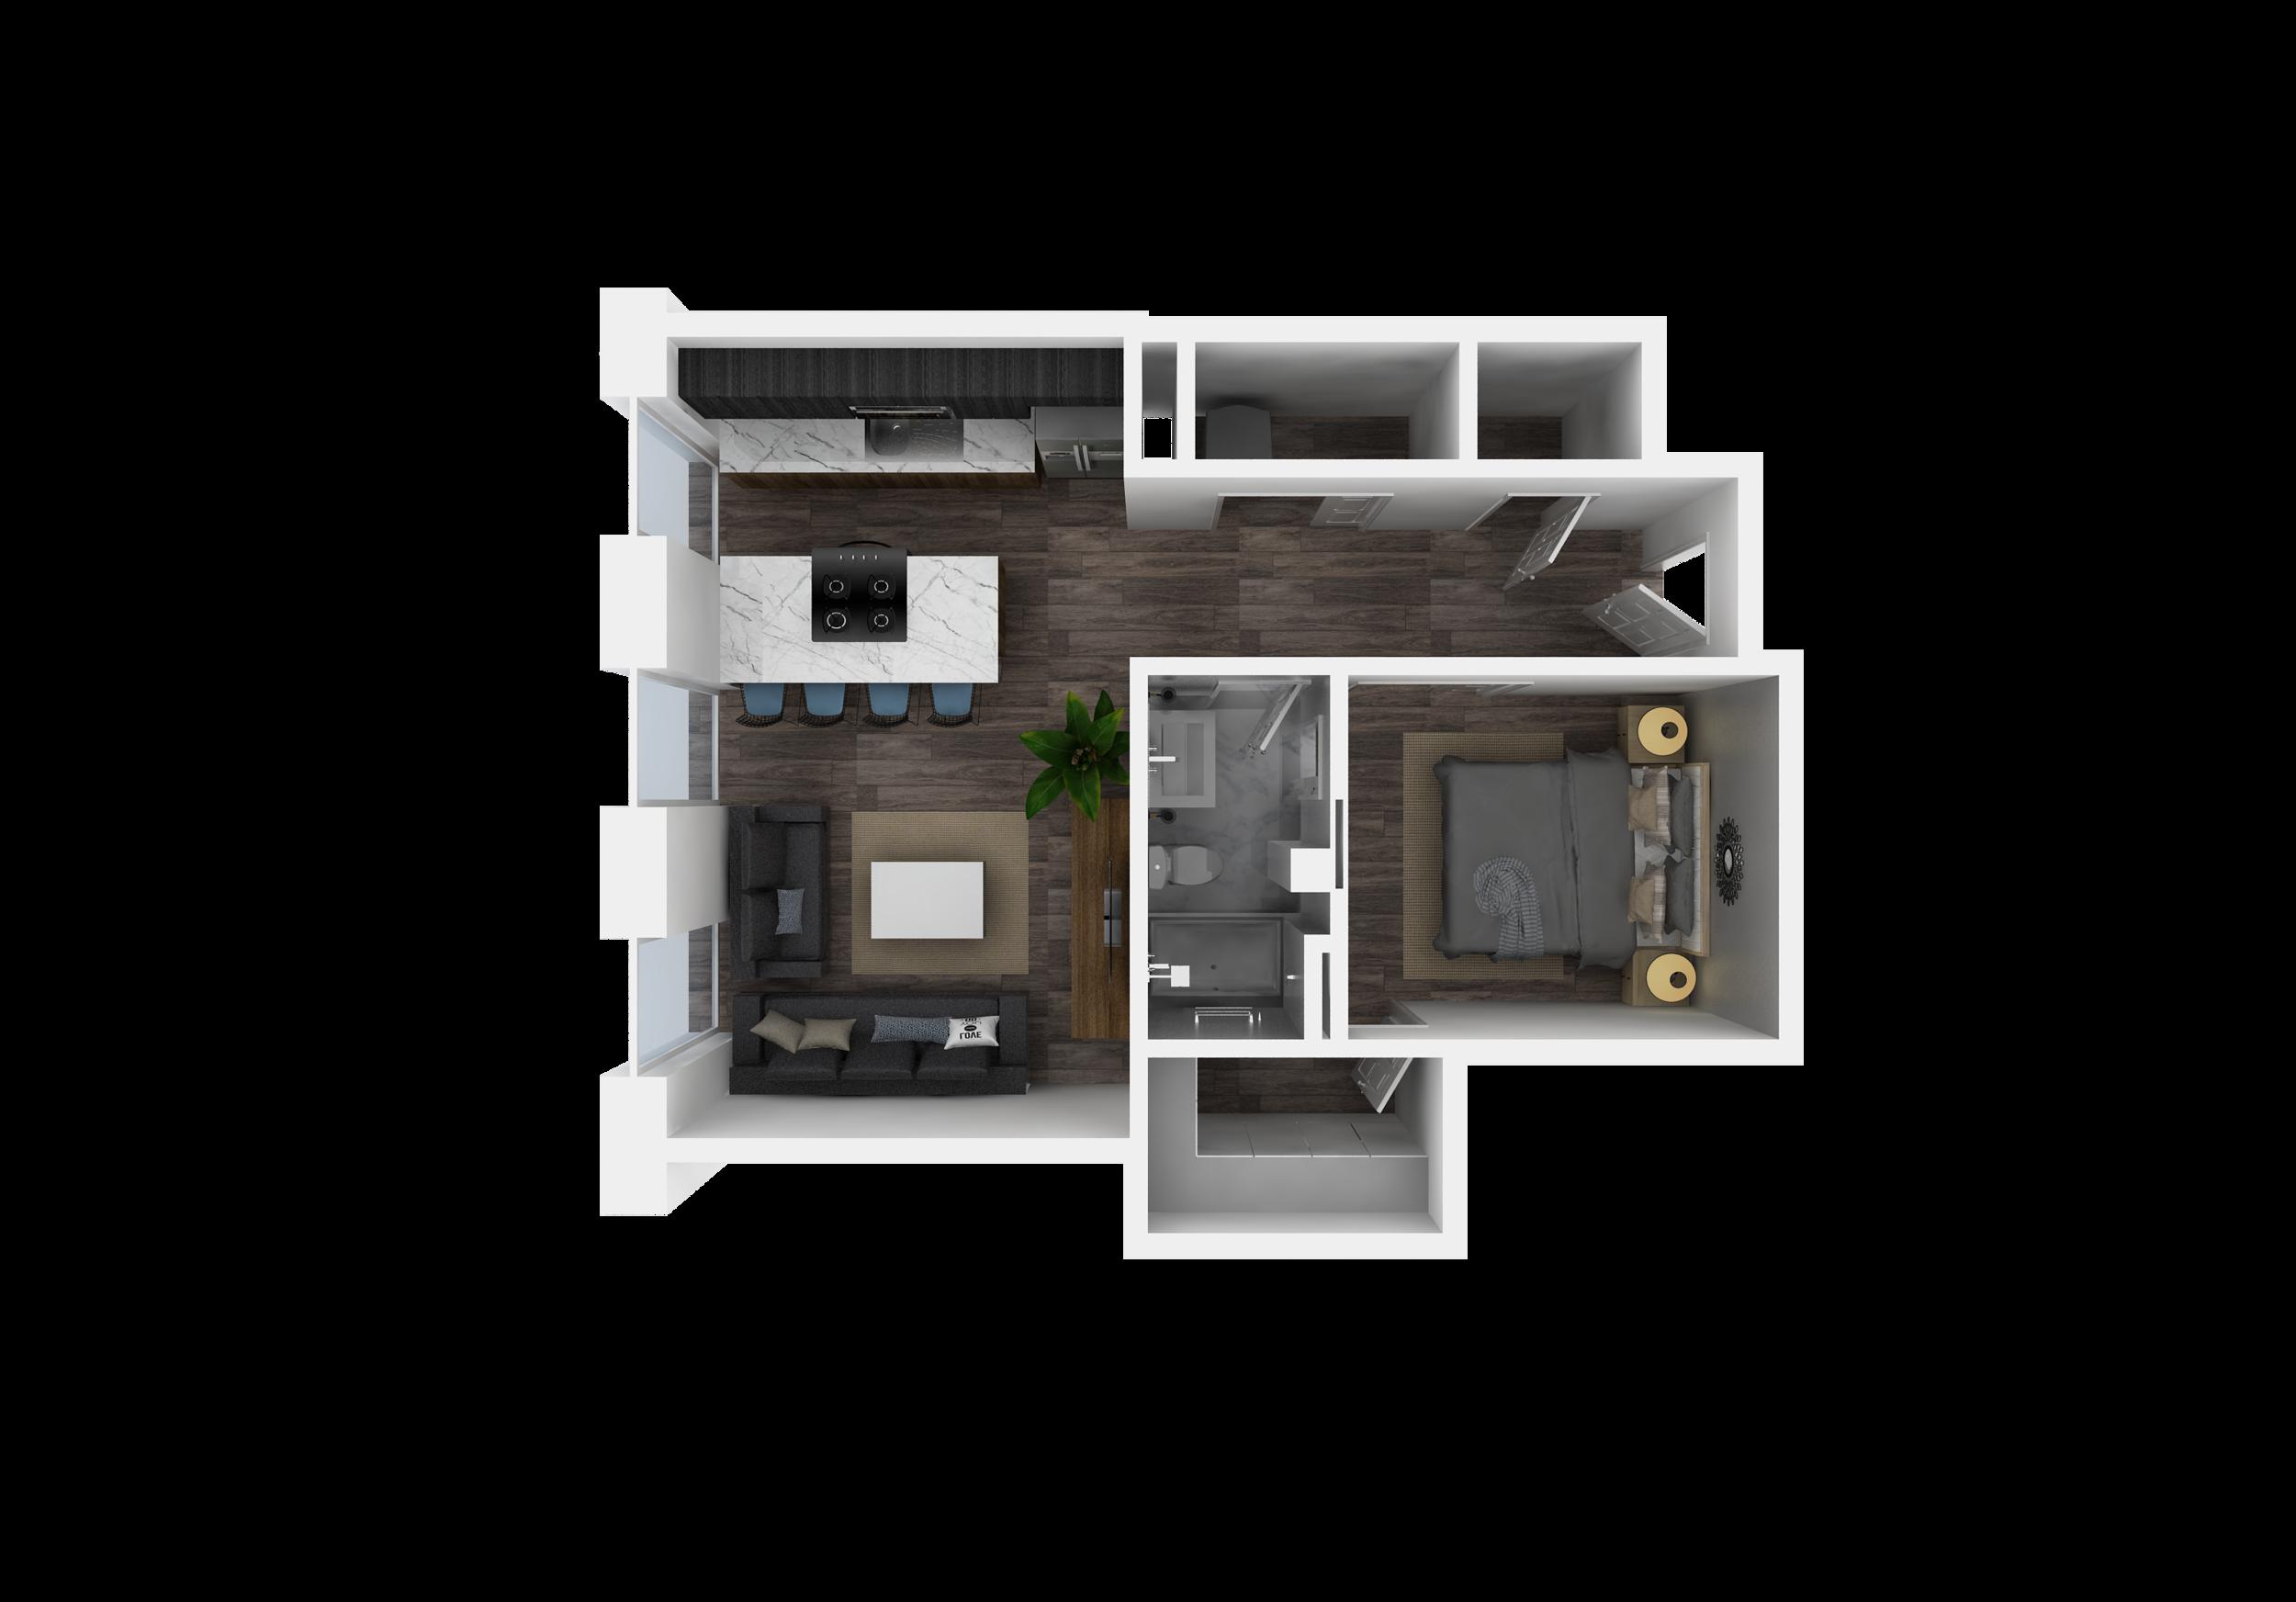 S124-Typica unit type 2plans floor 2-5-Scene 1.0000.png